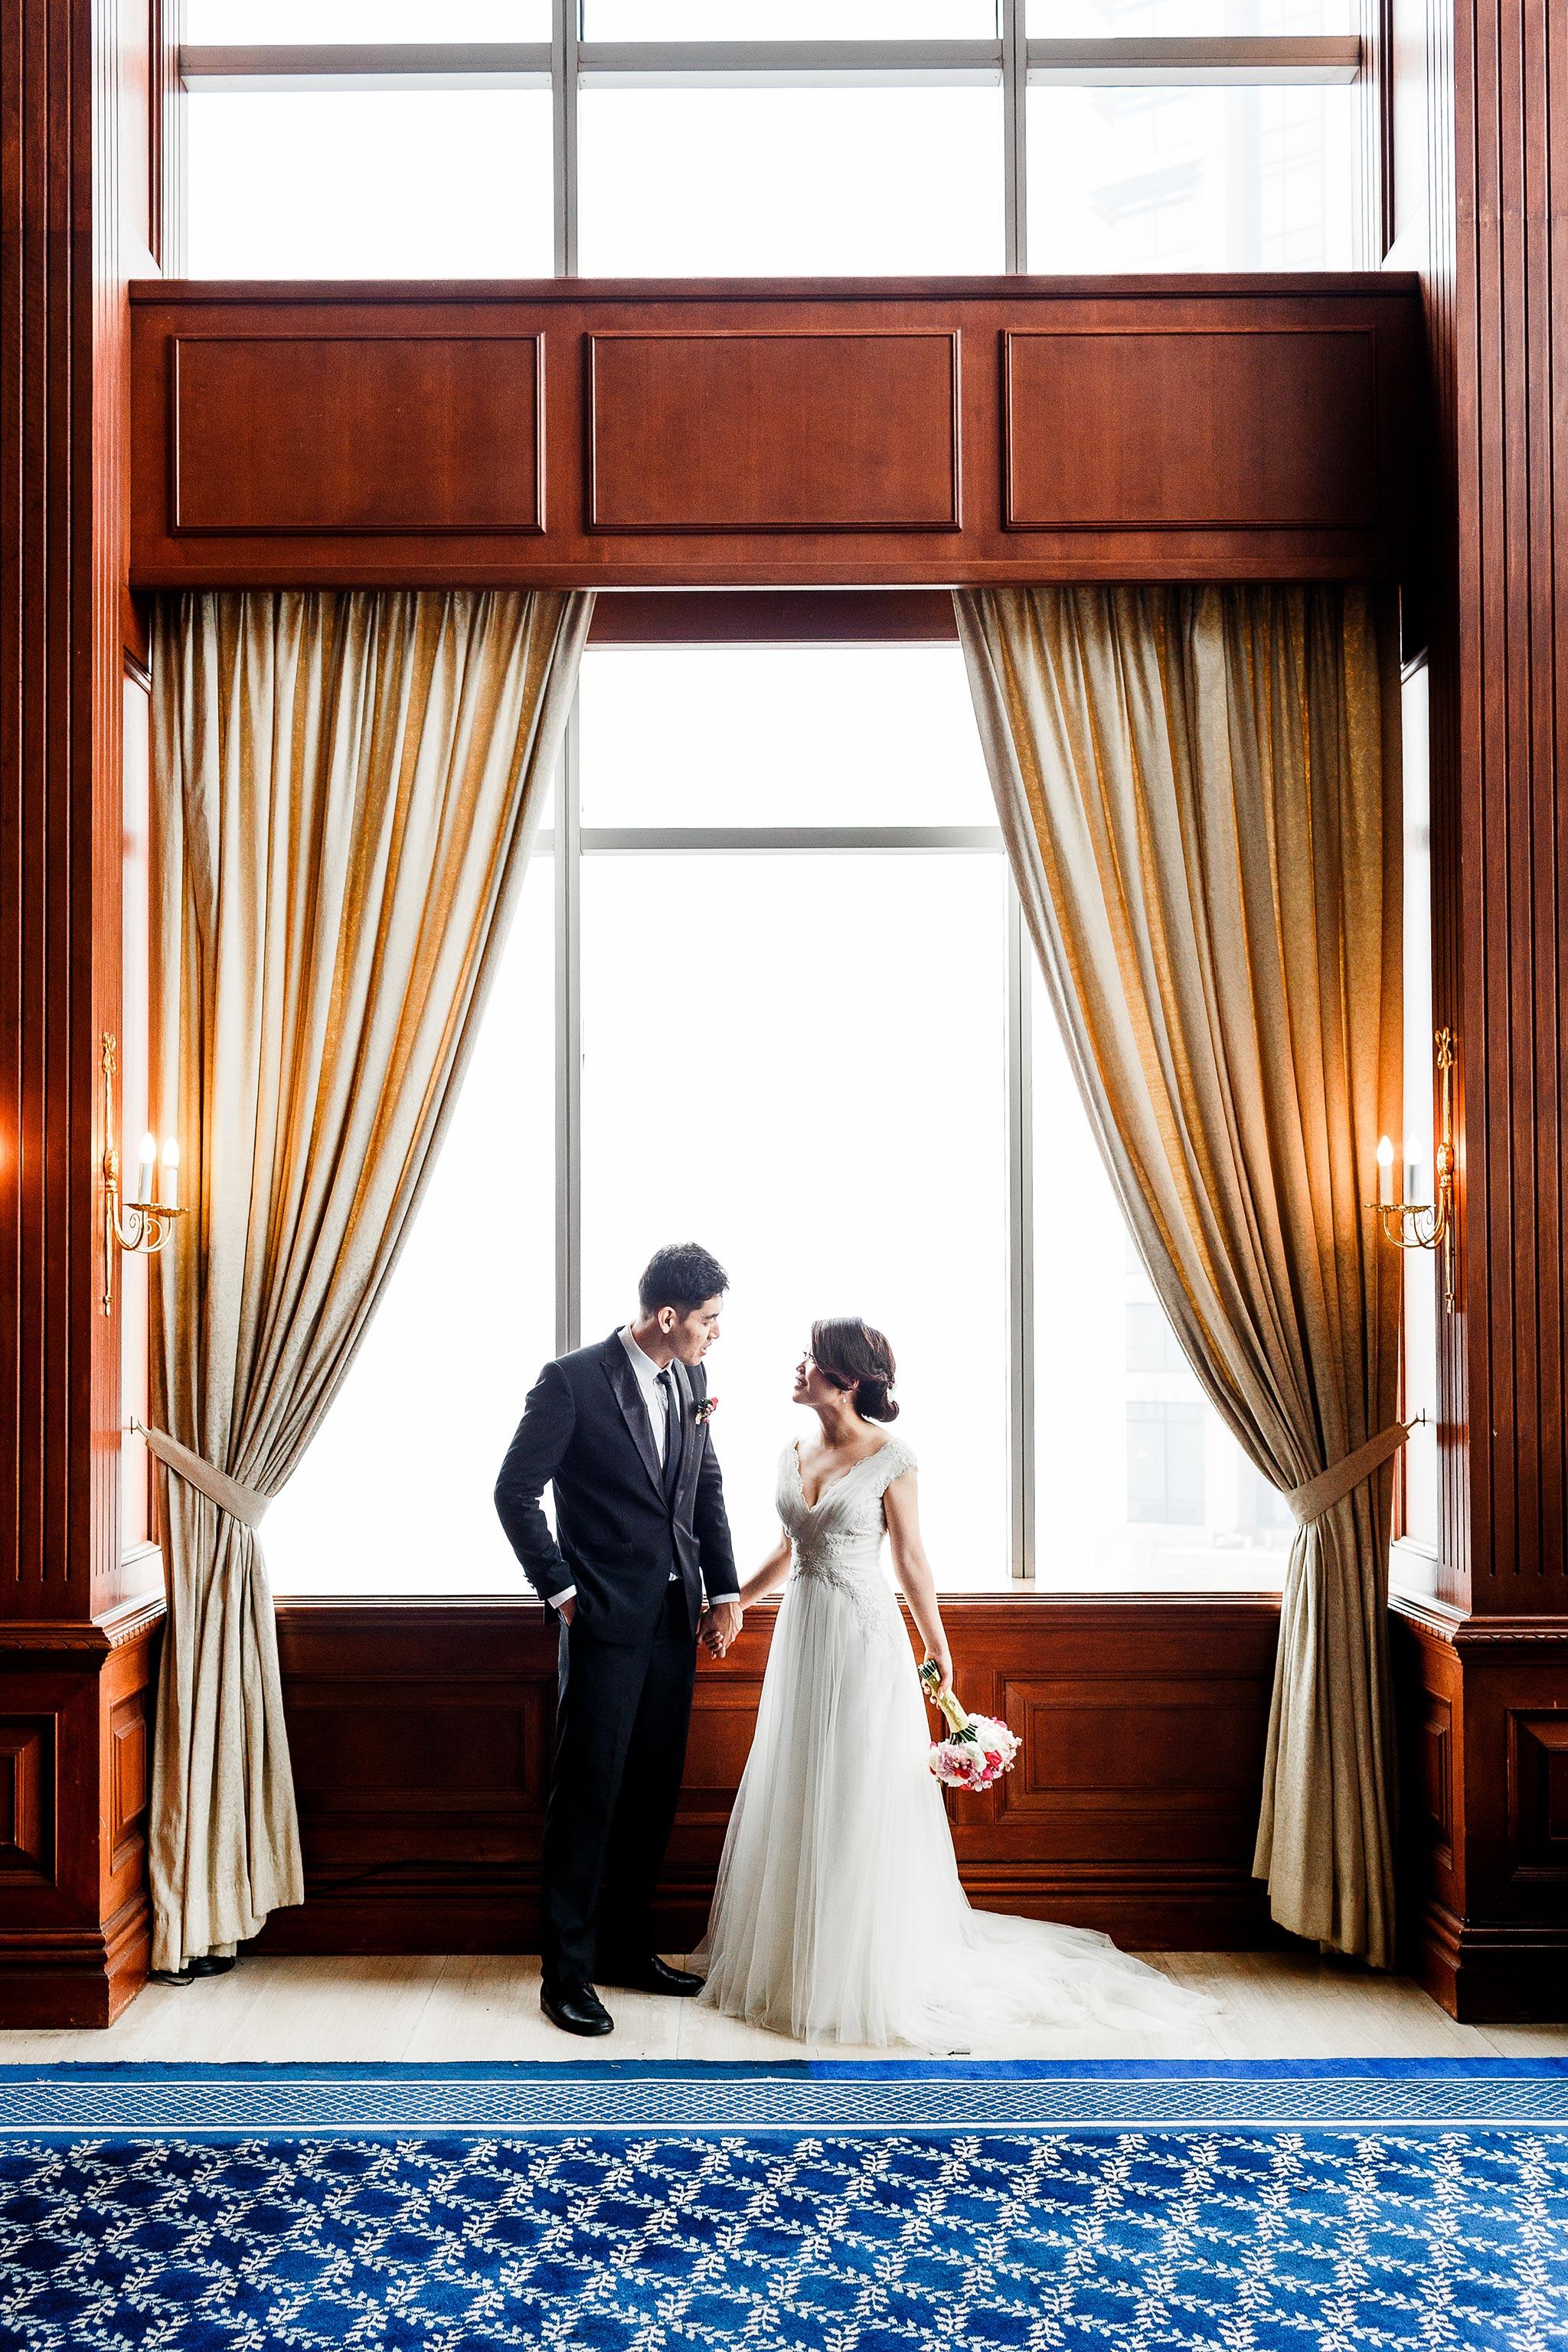 Bankers-Club-Kuala-Lumpur-Wedding-photography